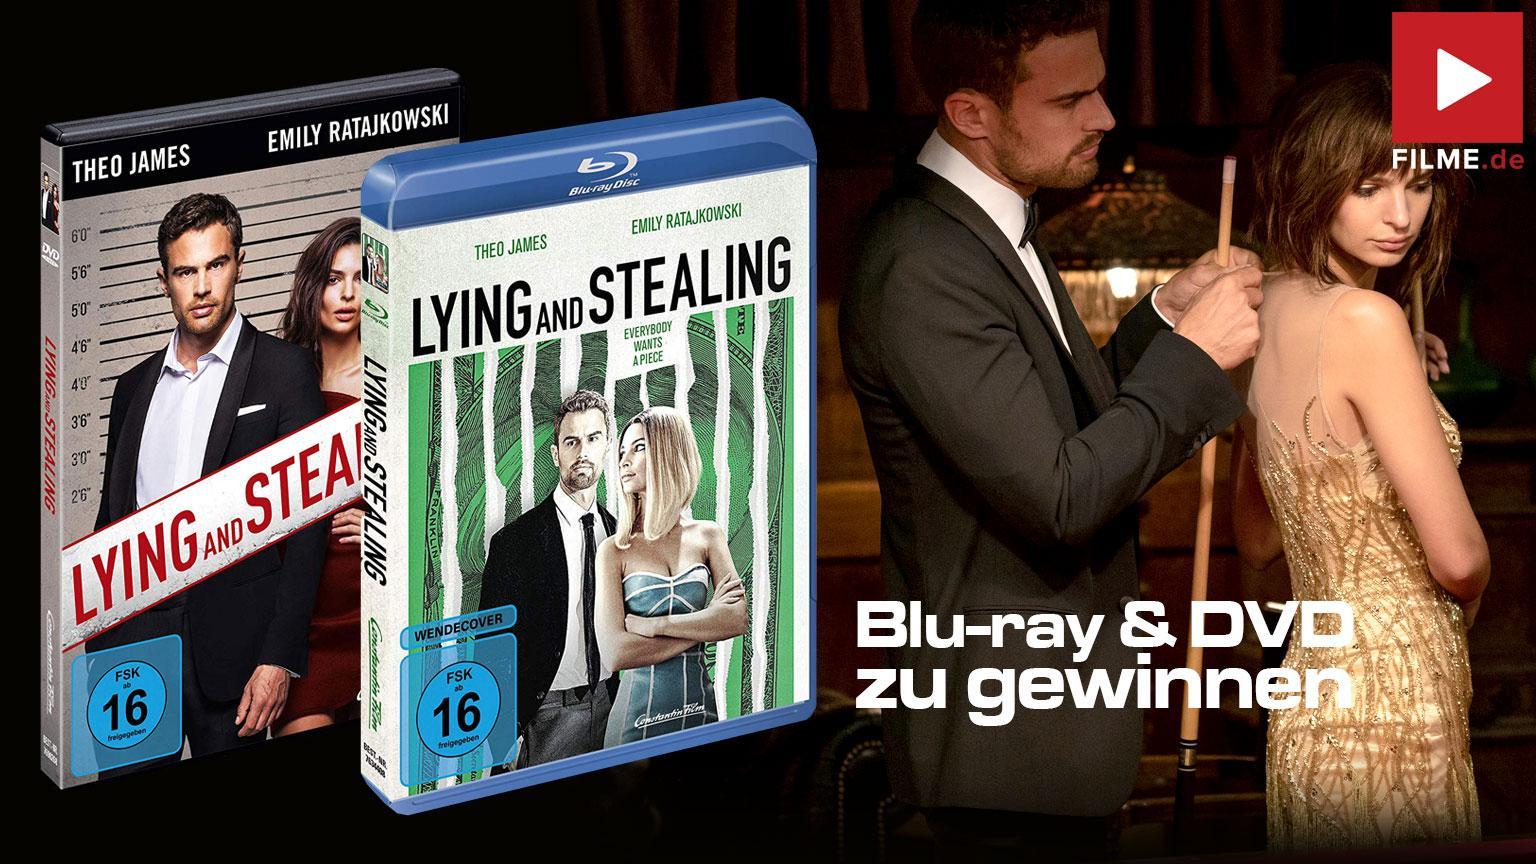 lying and stealing gewinnspiel artikelbild shop kaufen